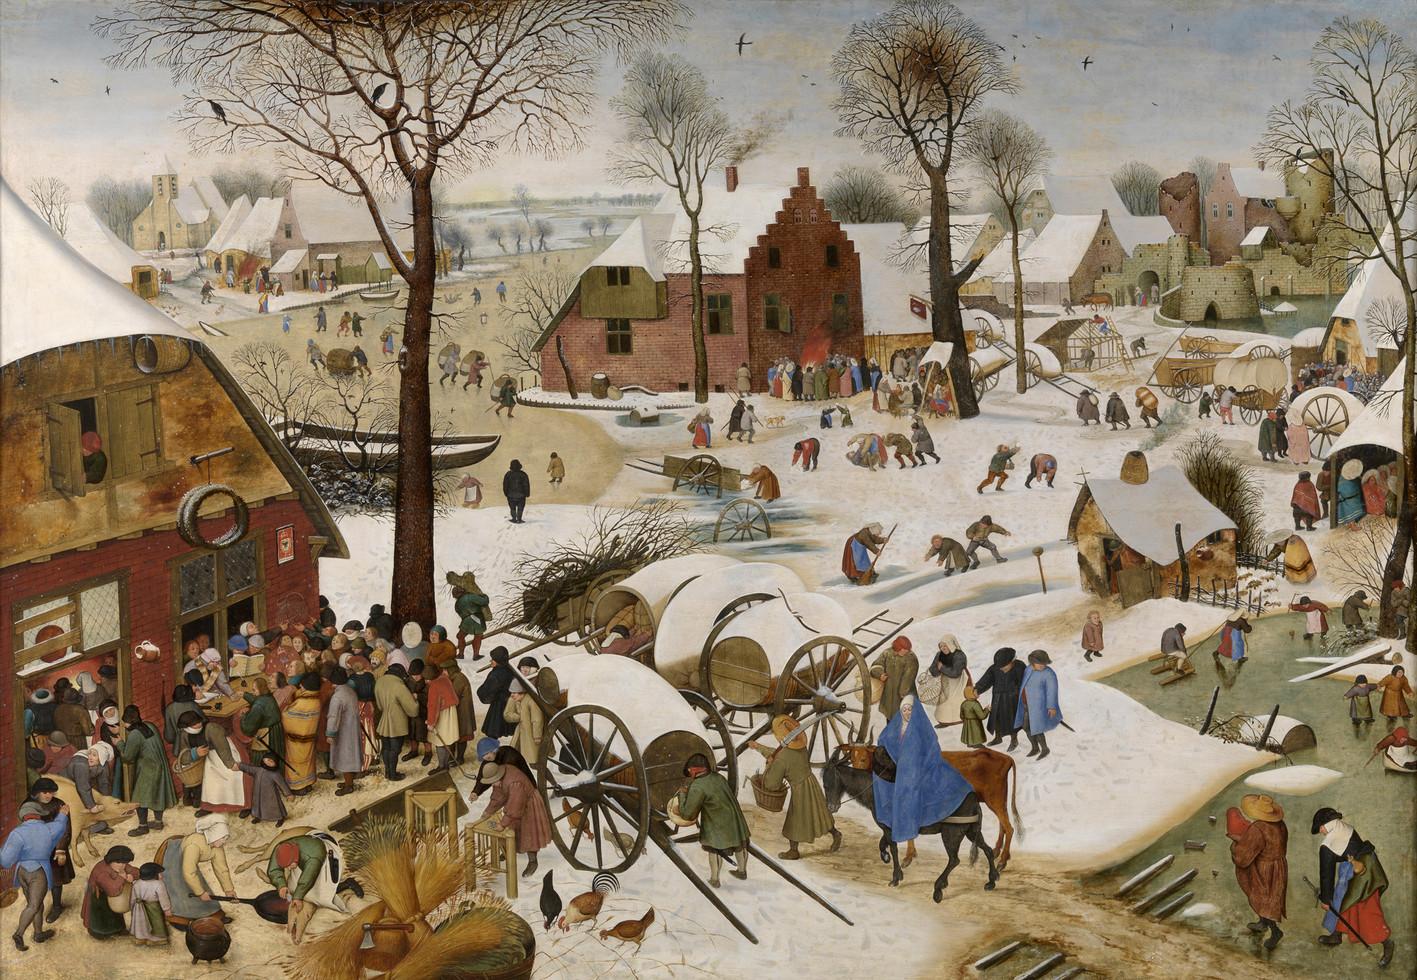 Pieter Bruegel the Elder, The Census at Bethlehem (1566)